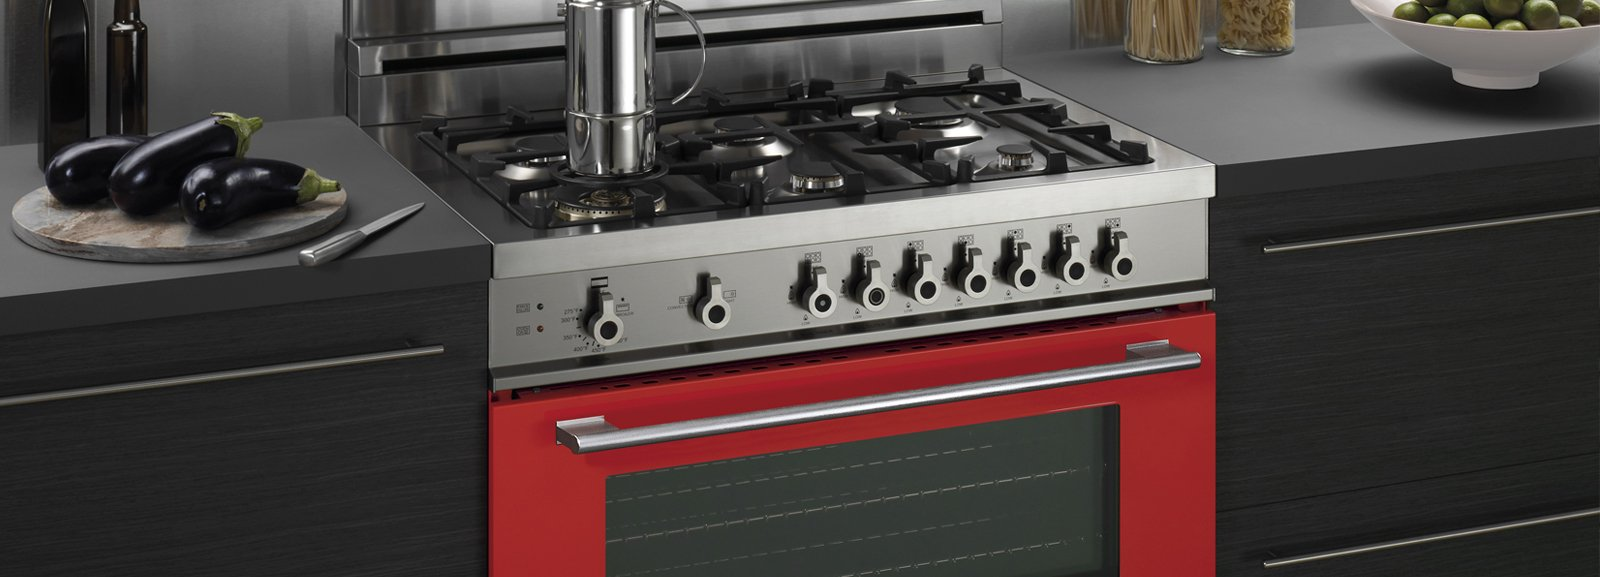 Cucina monoblocco piano cottura e forno tutto in uno freestanding cose di casa - Cucine compatte prezzi ...